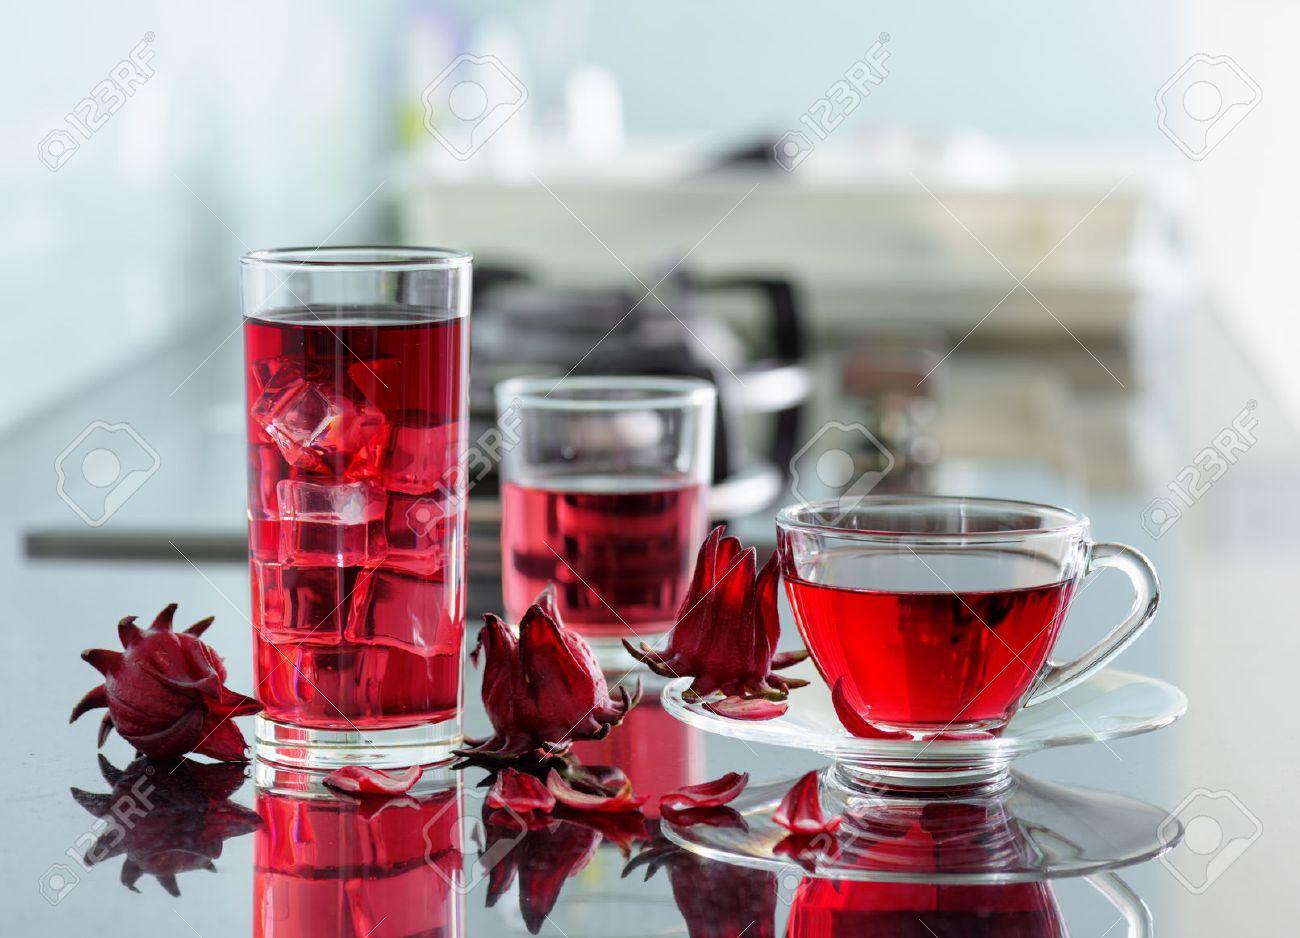 Cup Of Hot Hibiscus Tea Karkade Red Sorrel Agua De Flor De